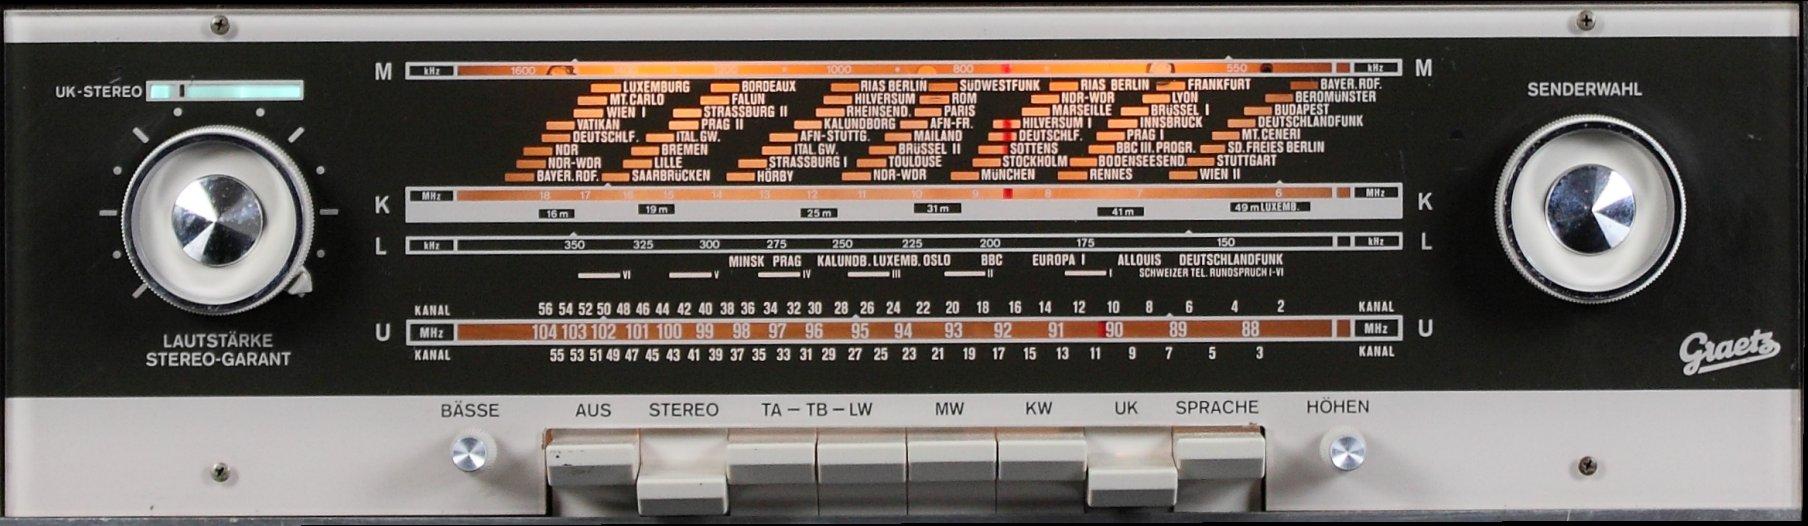 Graetz Melodia 14 F